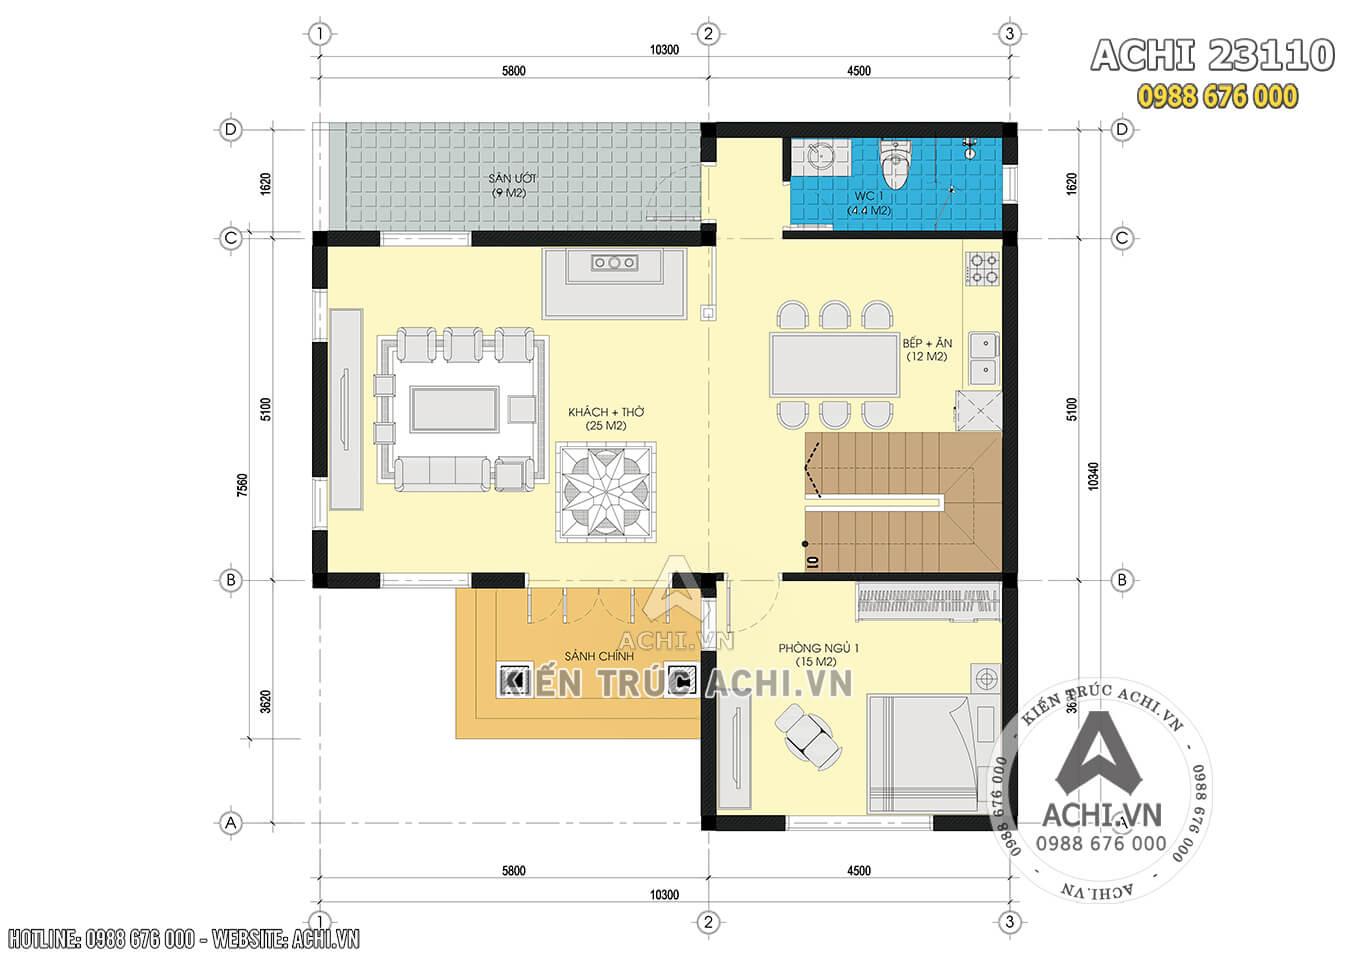 Mặt bằng tầng 1 mẫu nhà 2 tầng đơn giản 800 triệu